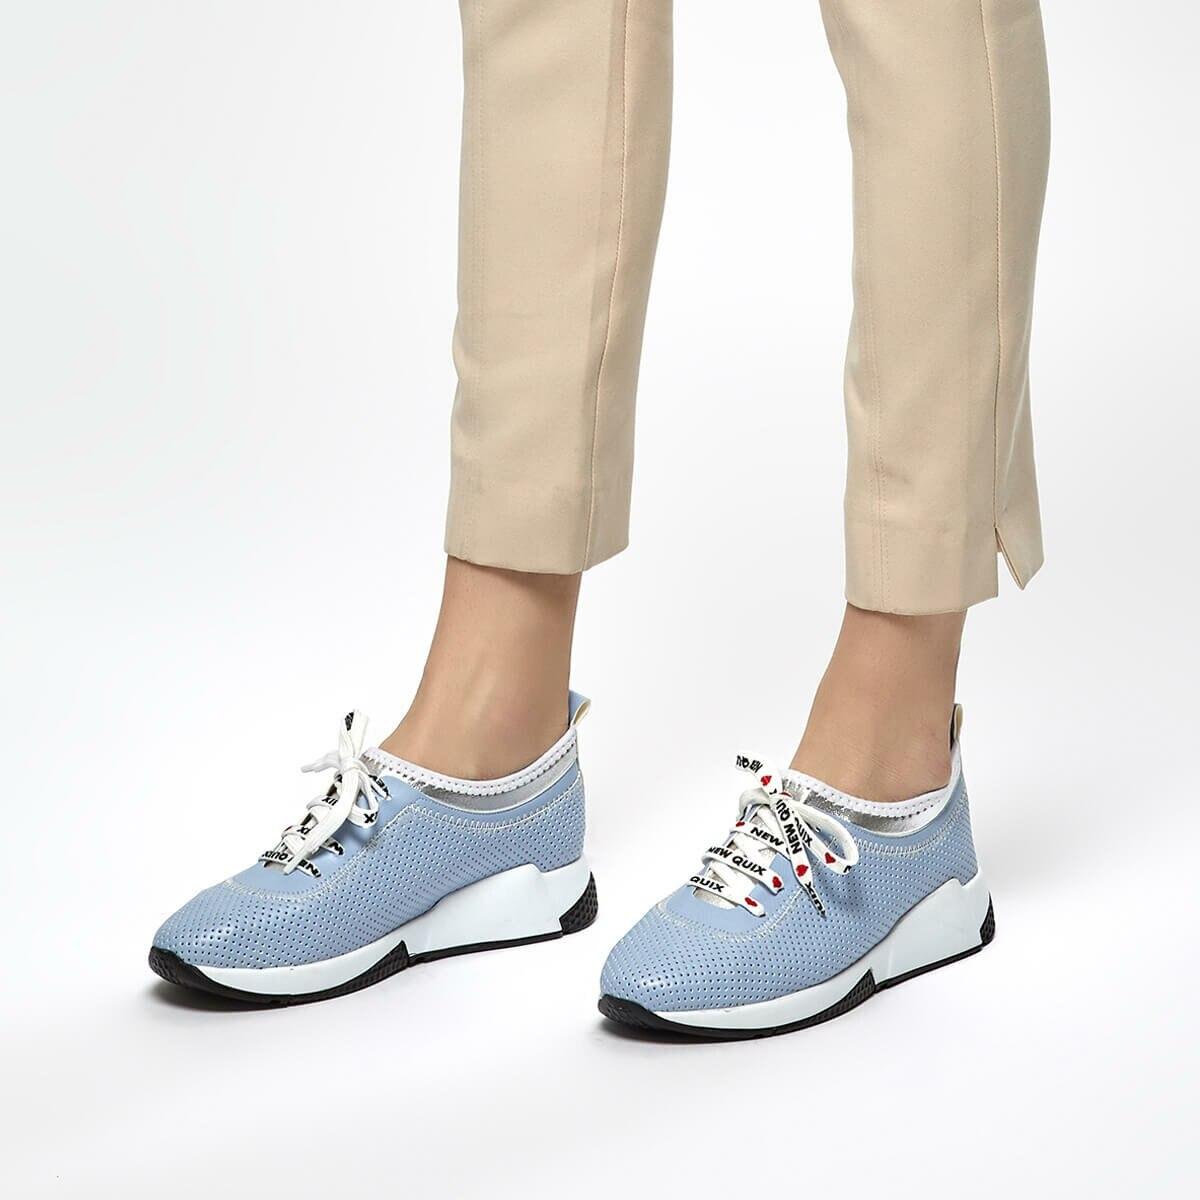 FLO QUIX67Z Blue Women 'S Sneaker Shoes BUTIGO